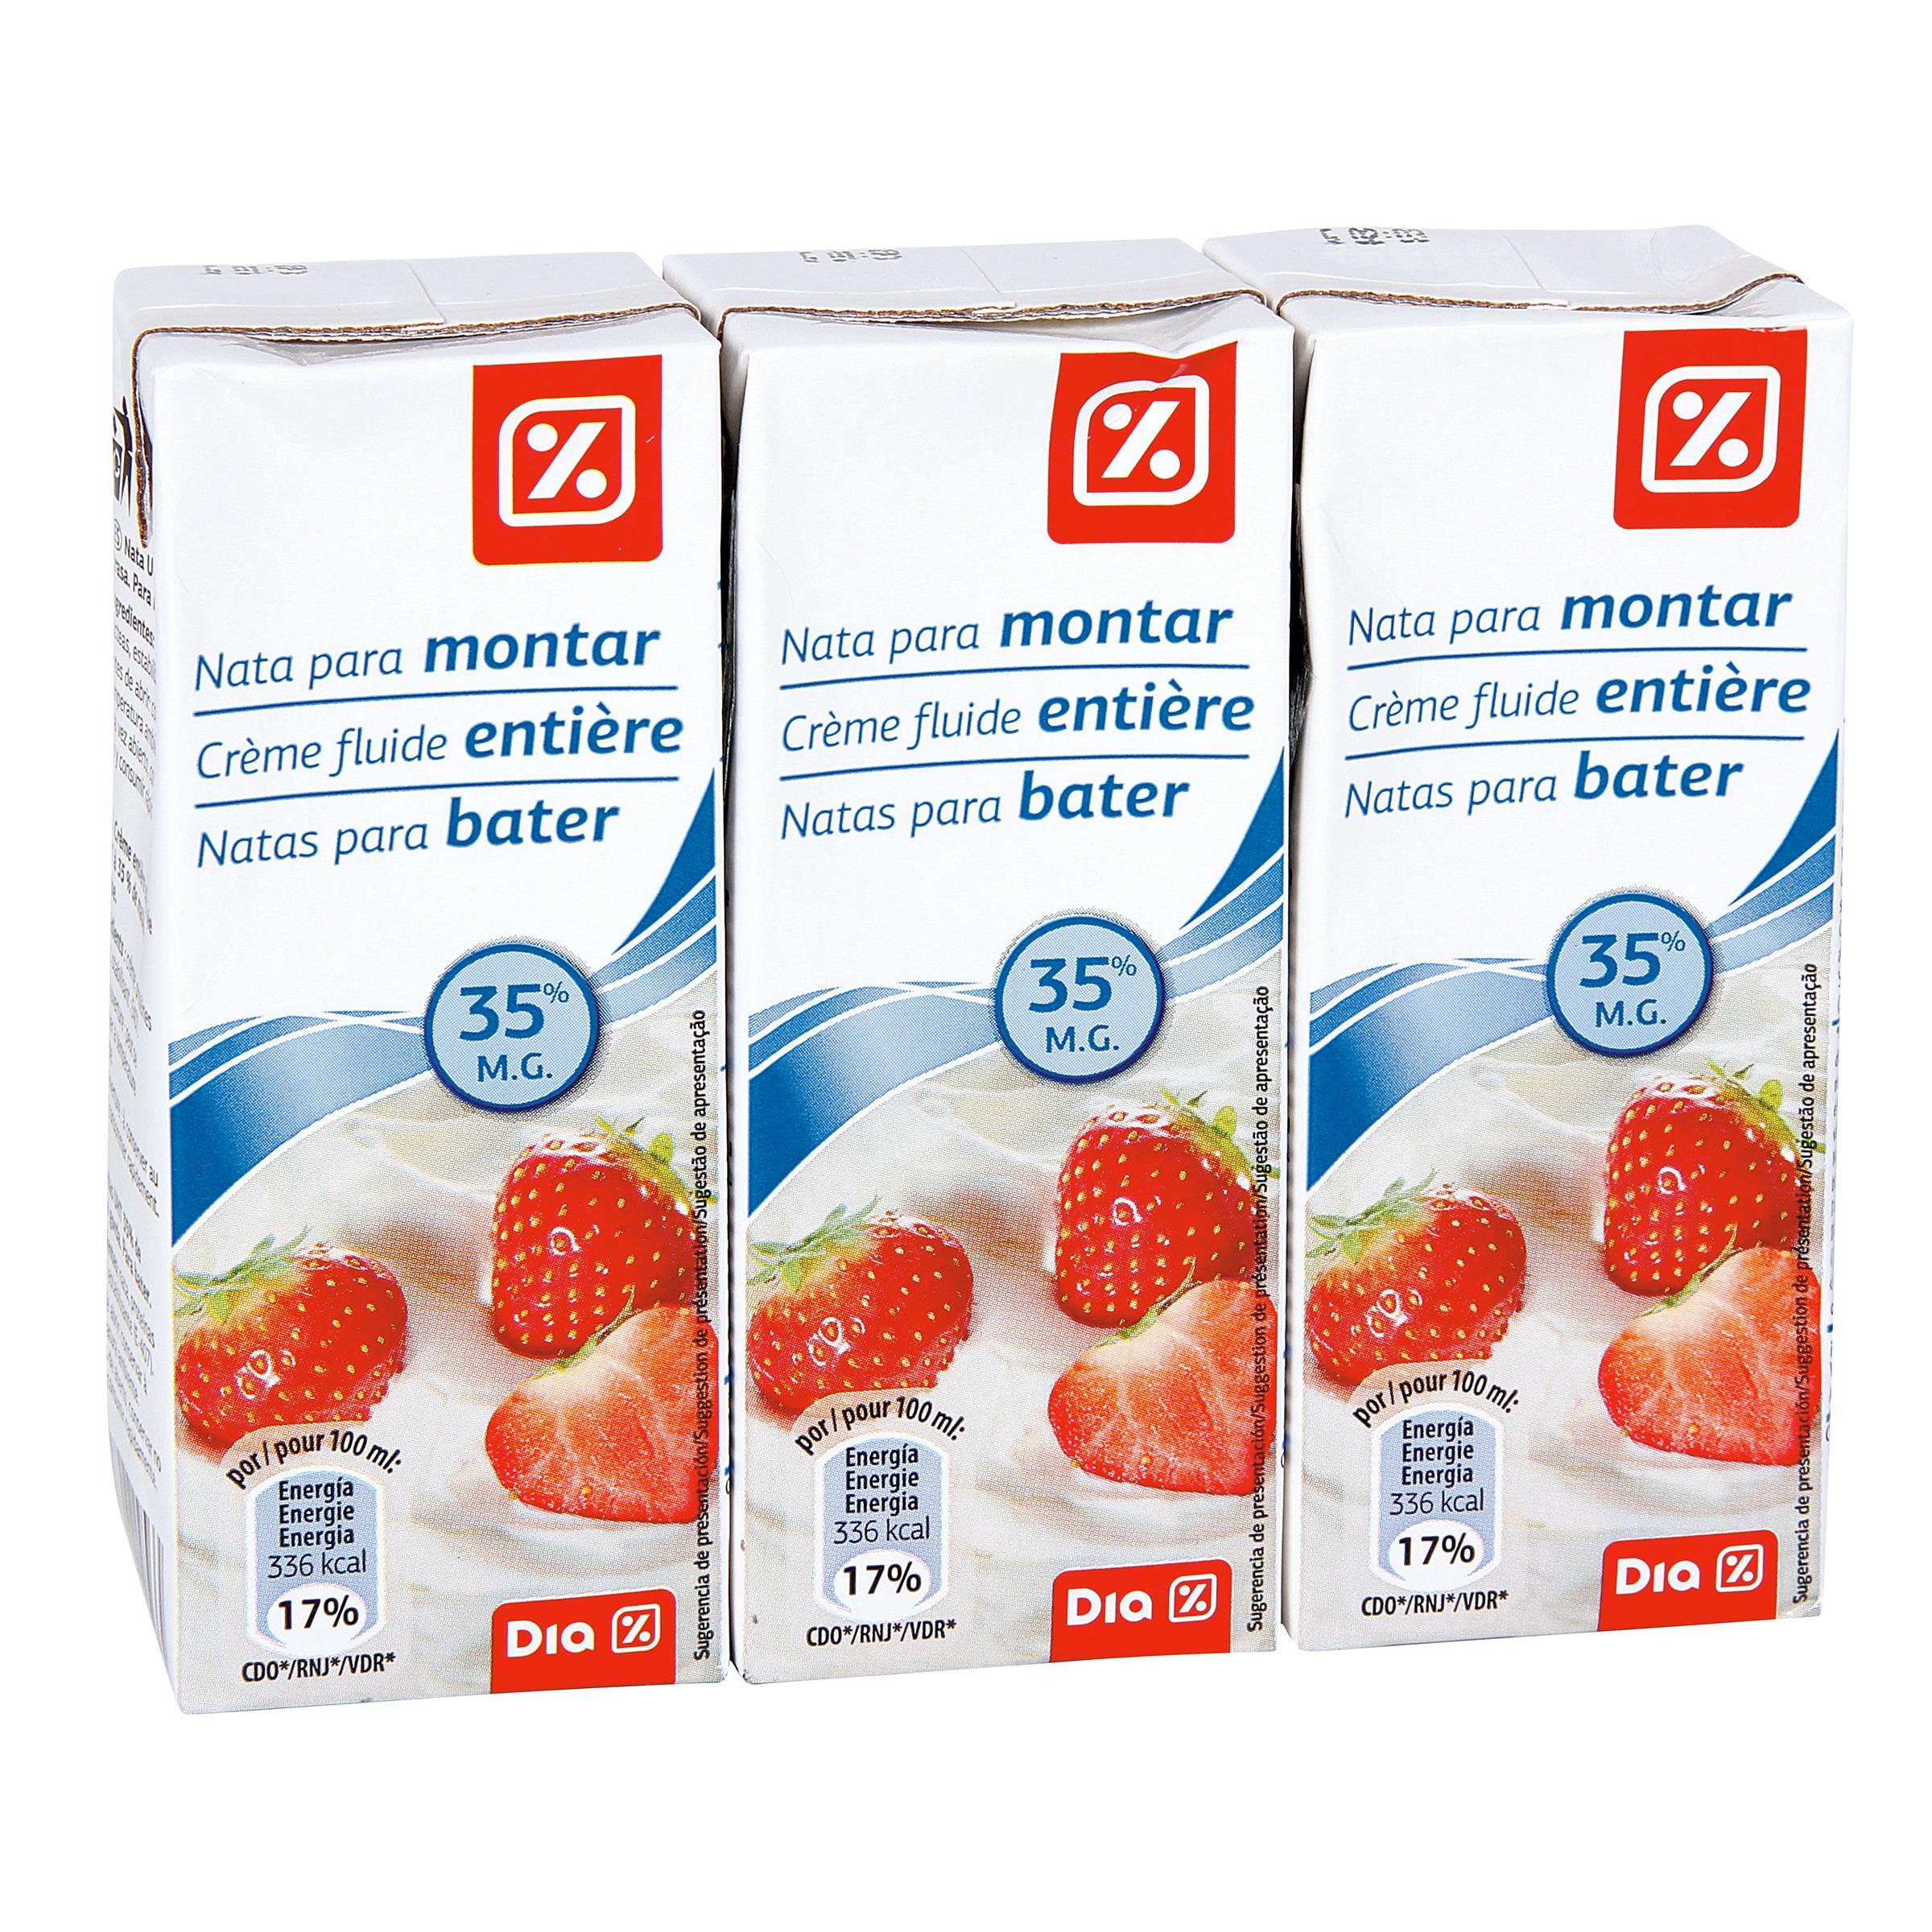 Dia nata para montar pack 3 unidades 200 ml para montar for Nata para cocinar mercadona